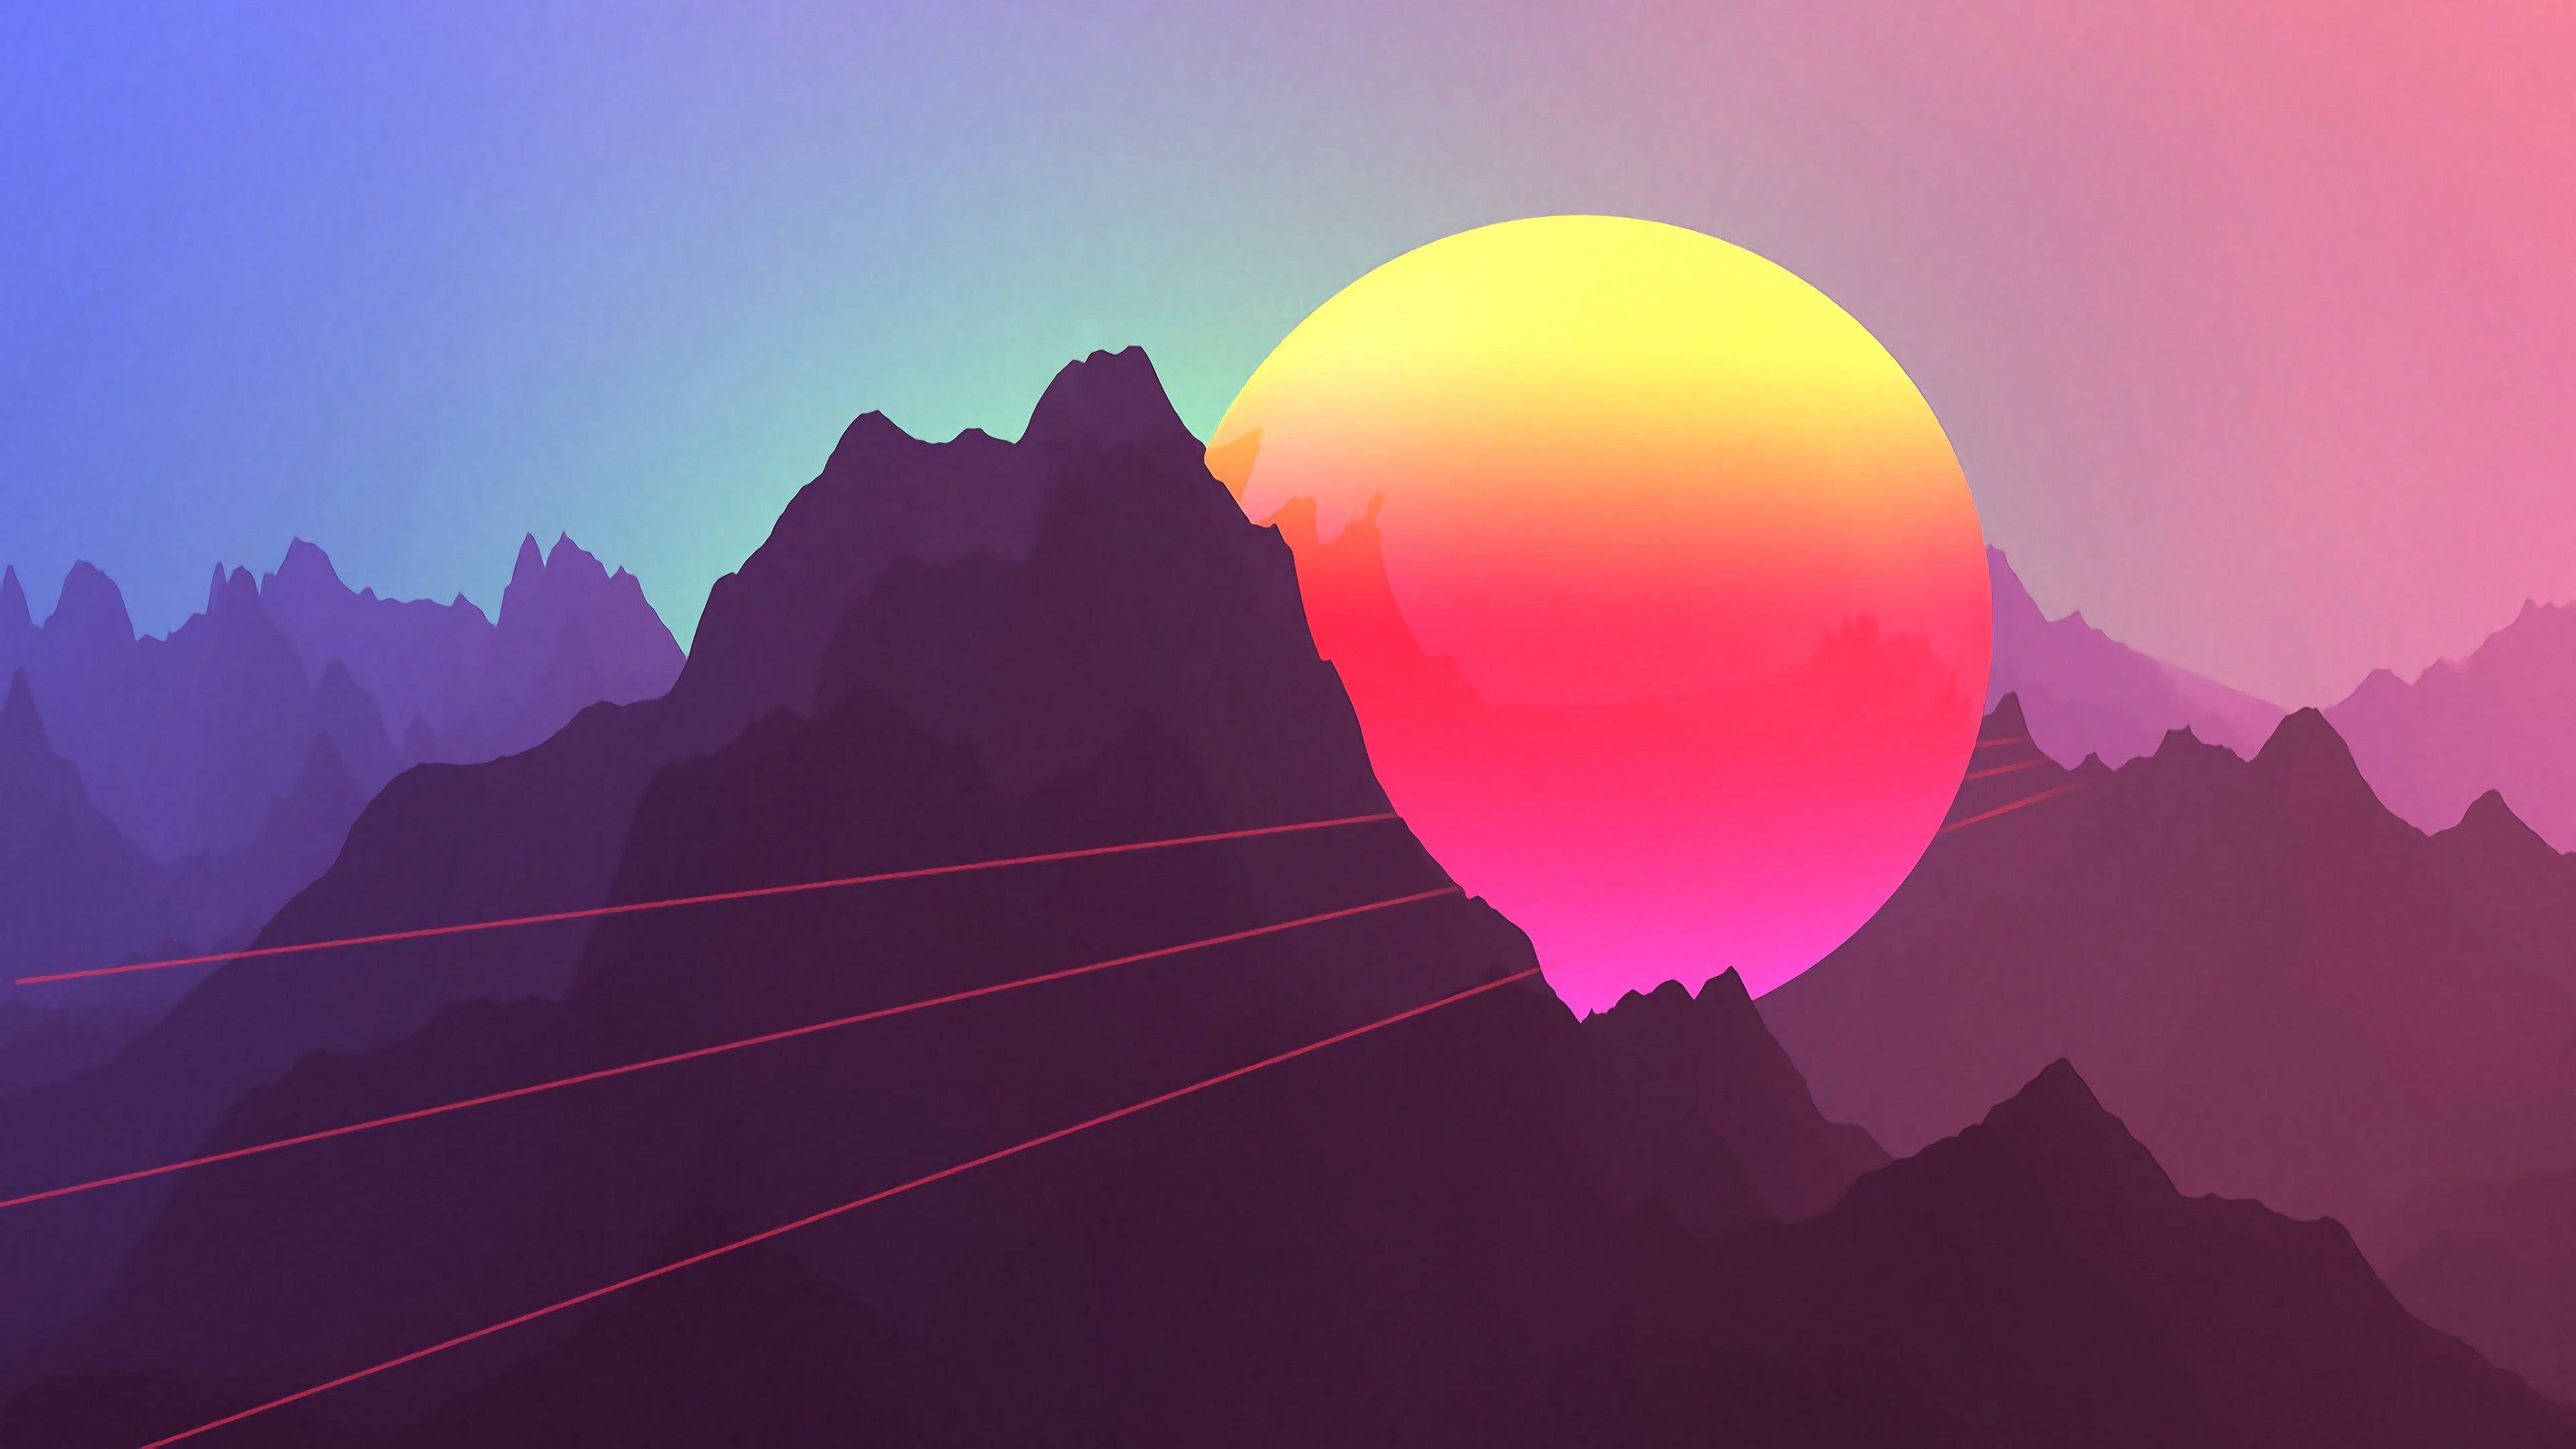 Mountain Under Moon Illustration Neon Sunset Mountains Retro